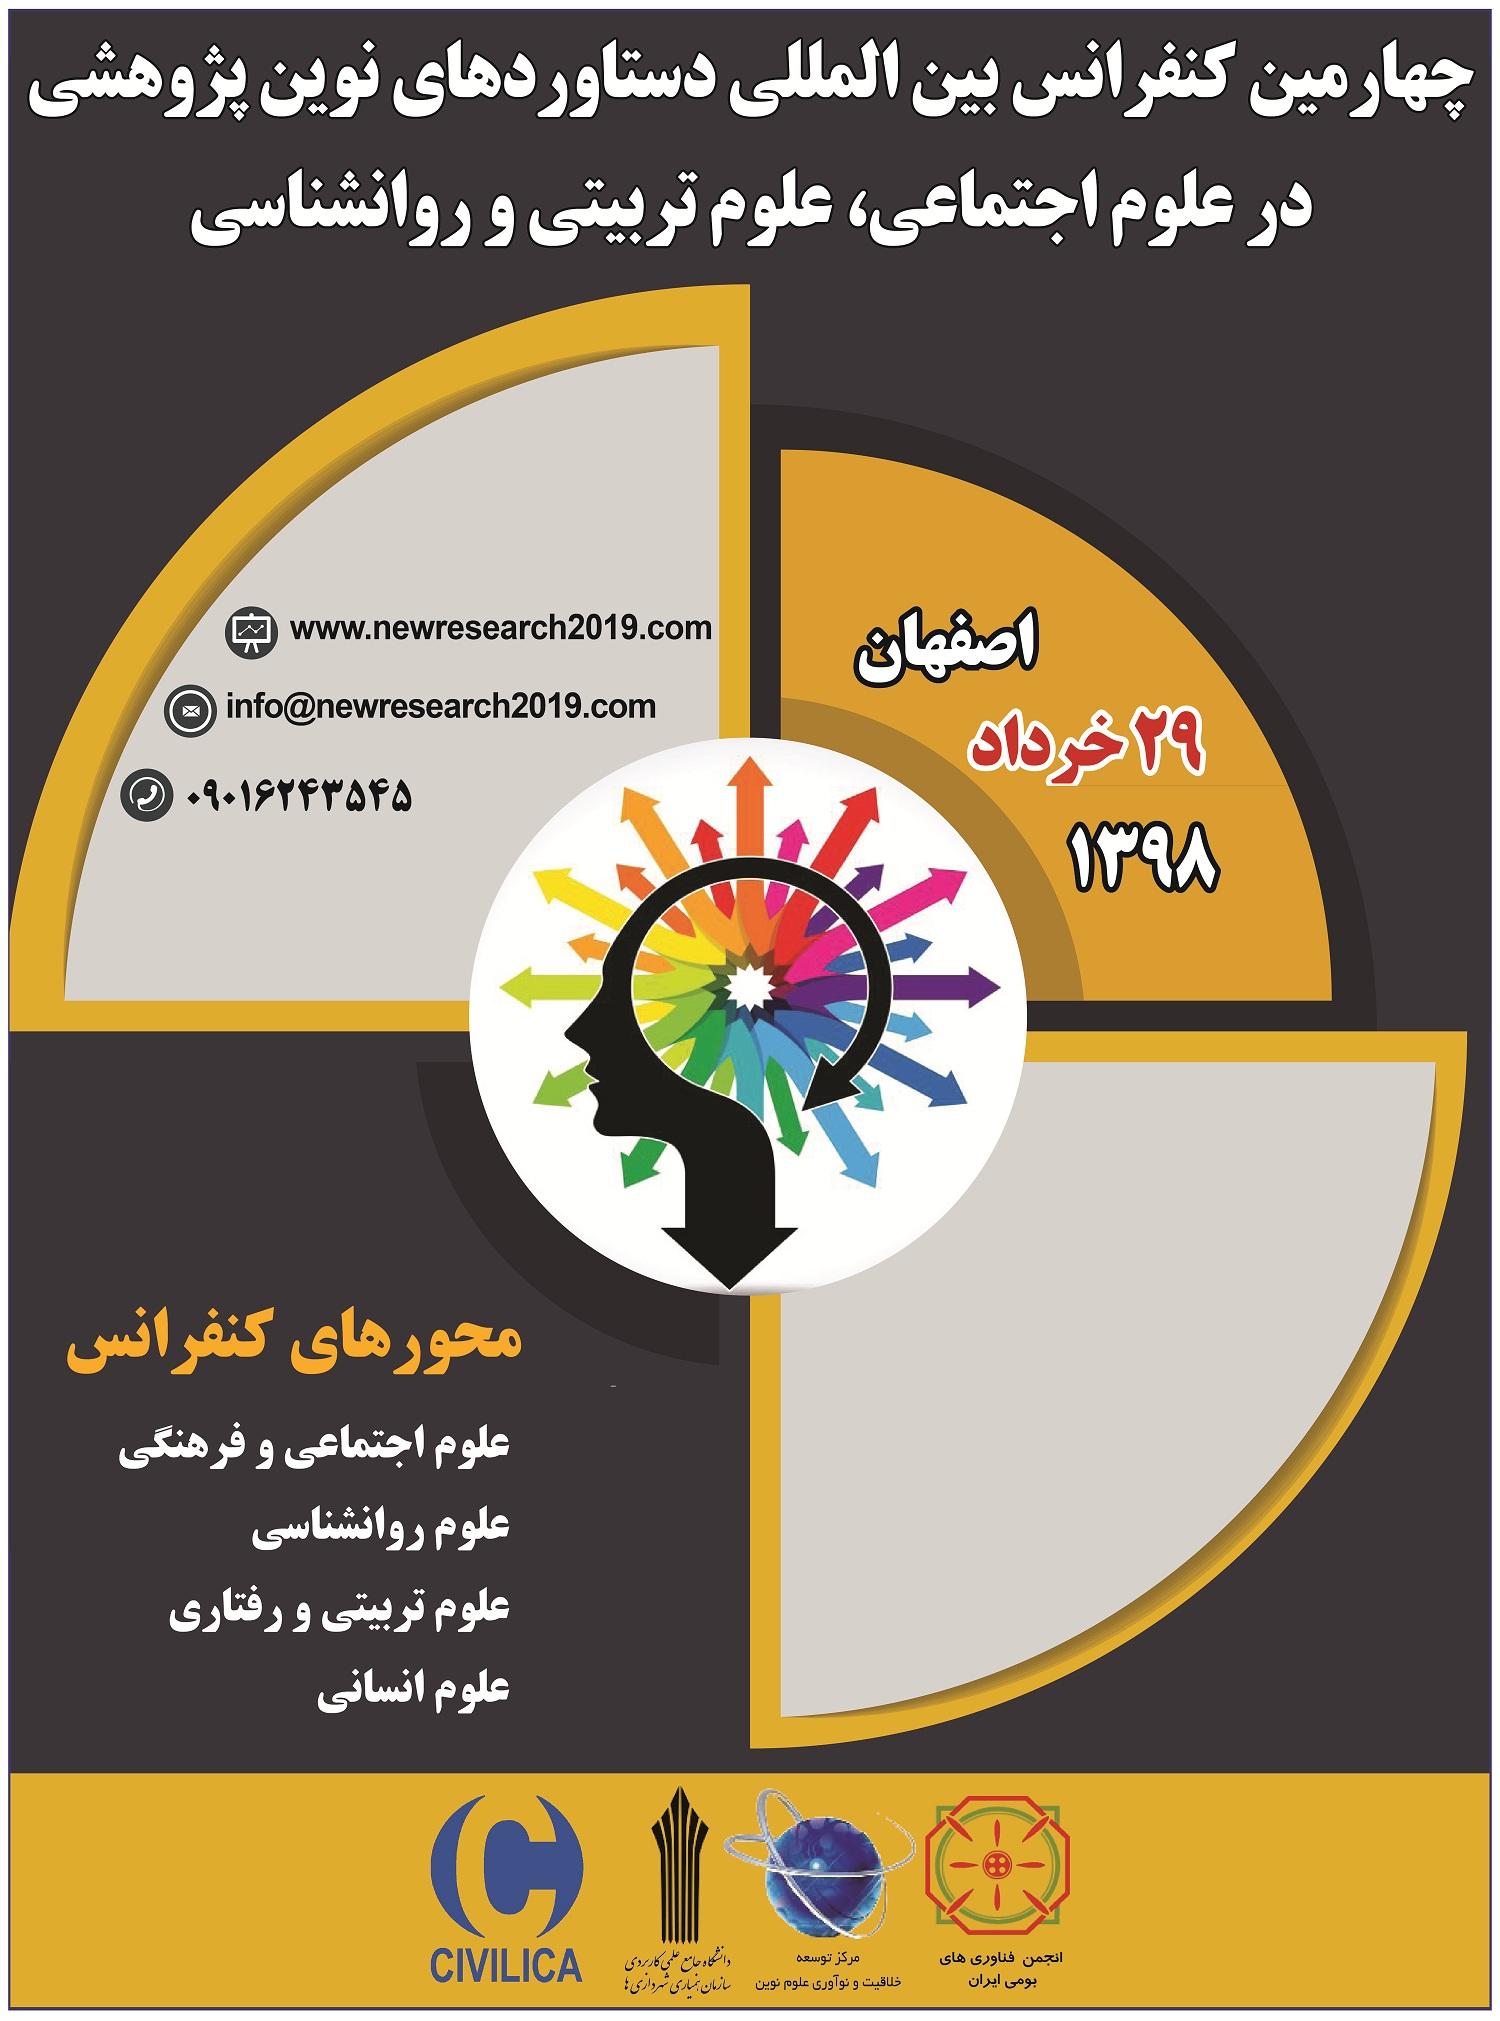 چهارمین کنفرانس بین المللی دستاوردهای نوین پژوهشی در علوم اجتماعی، علوم تربیتی و روانشناسی